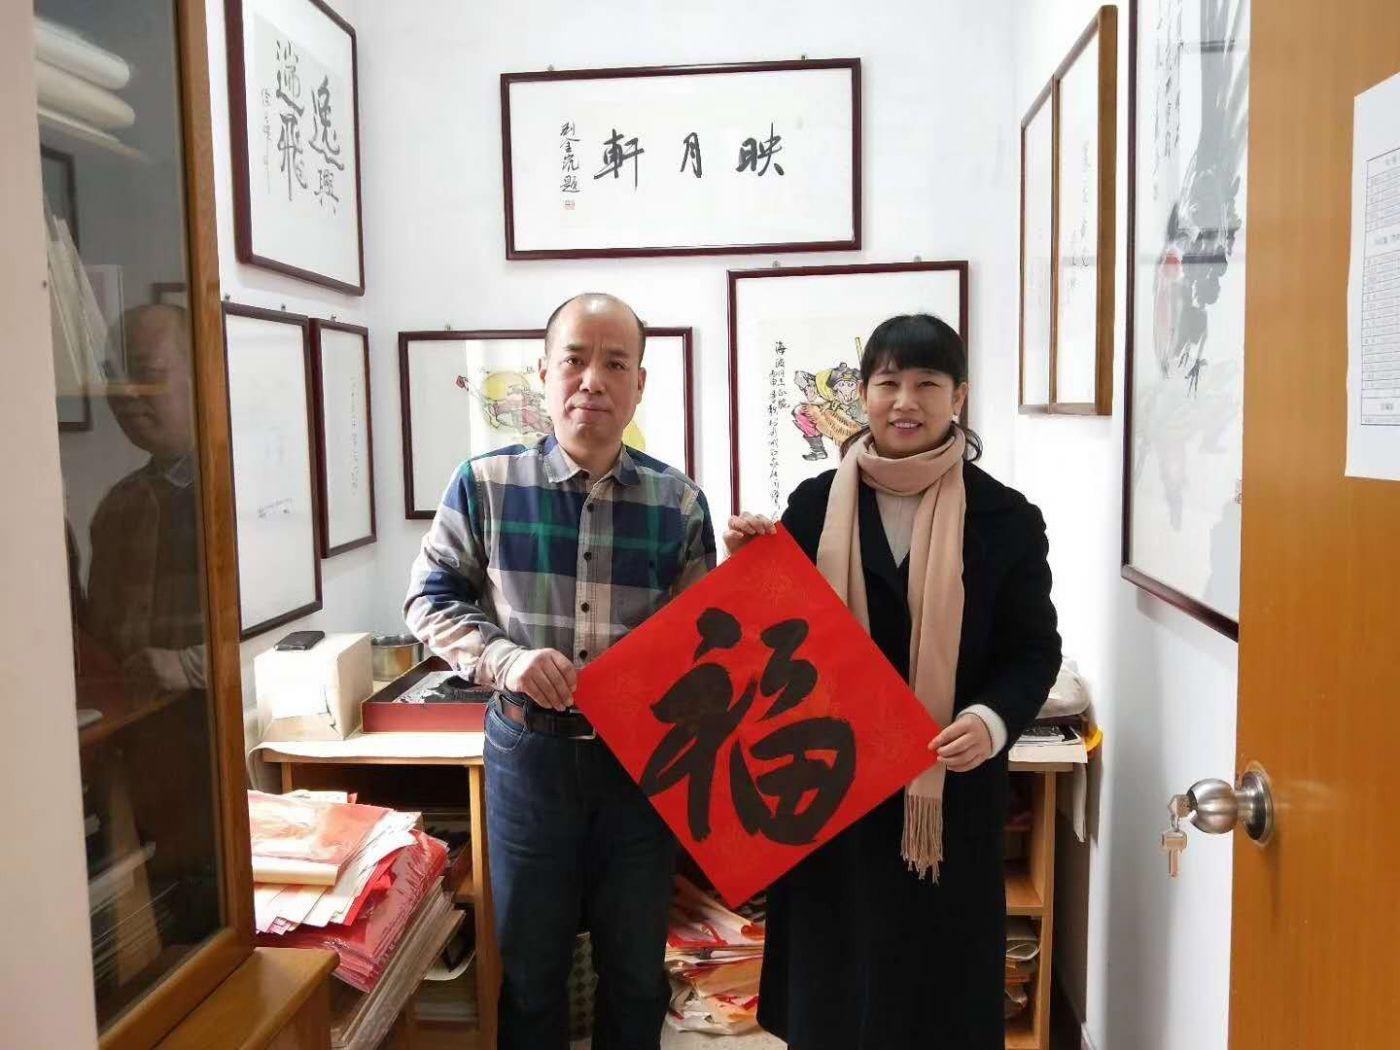 北京采风(总第8期)_图1-7